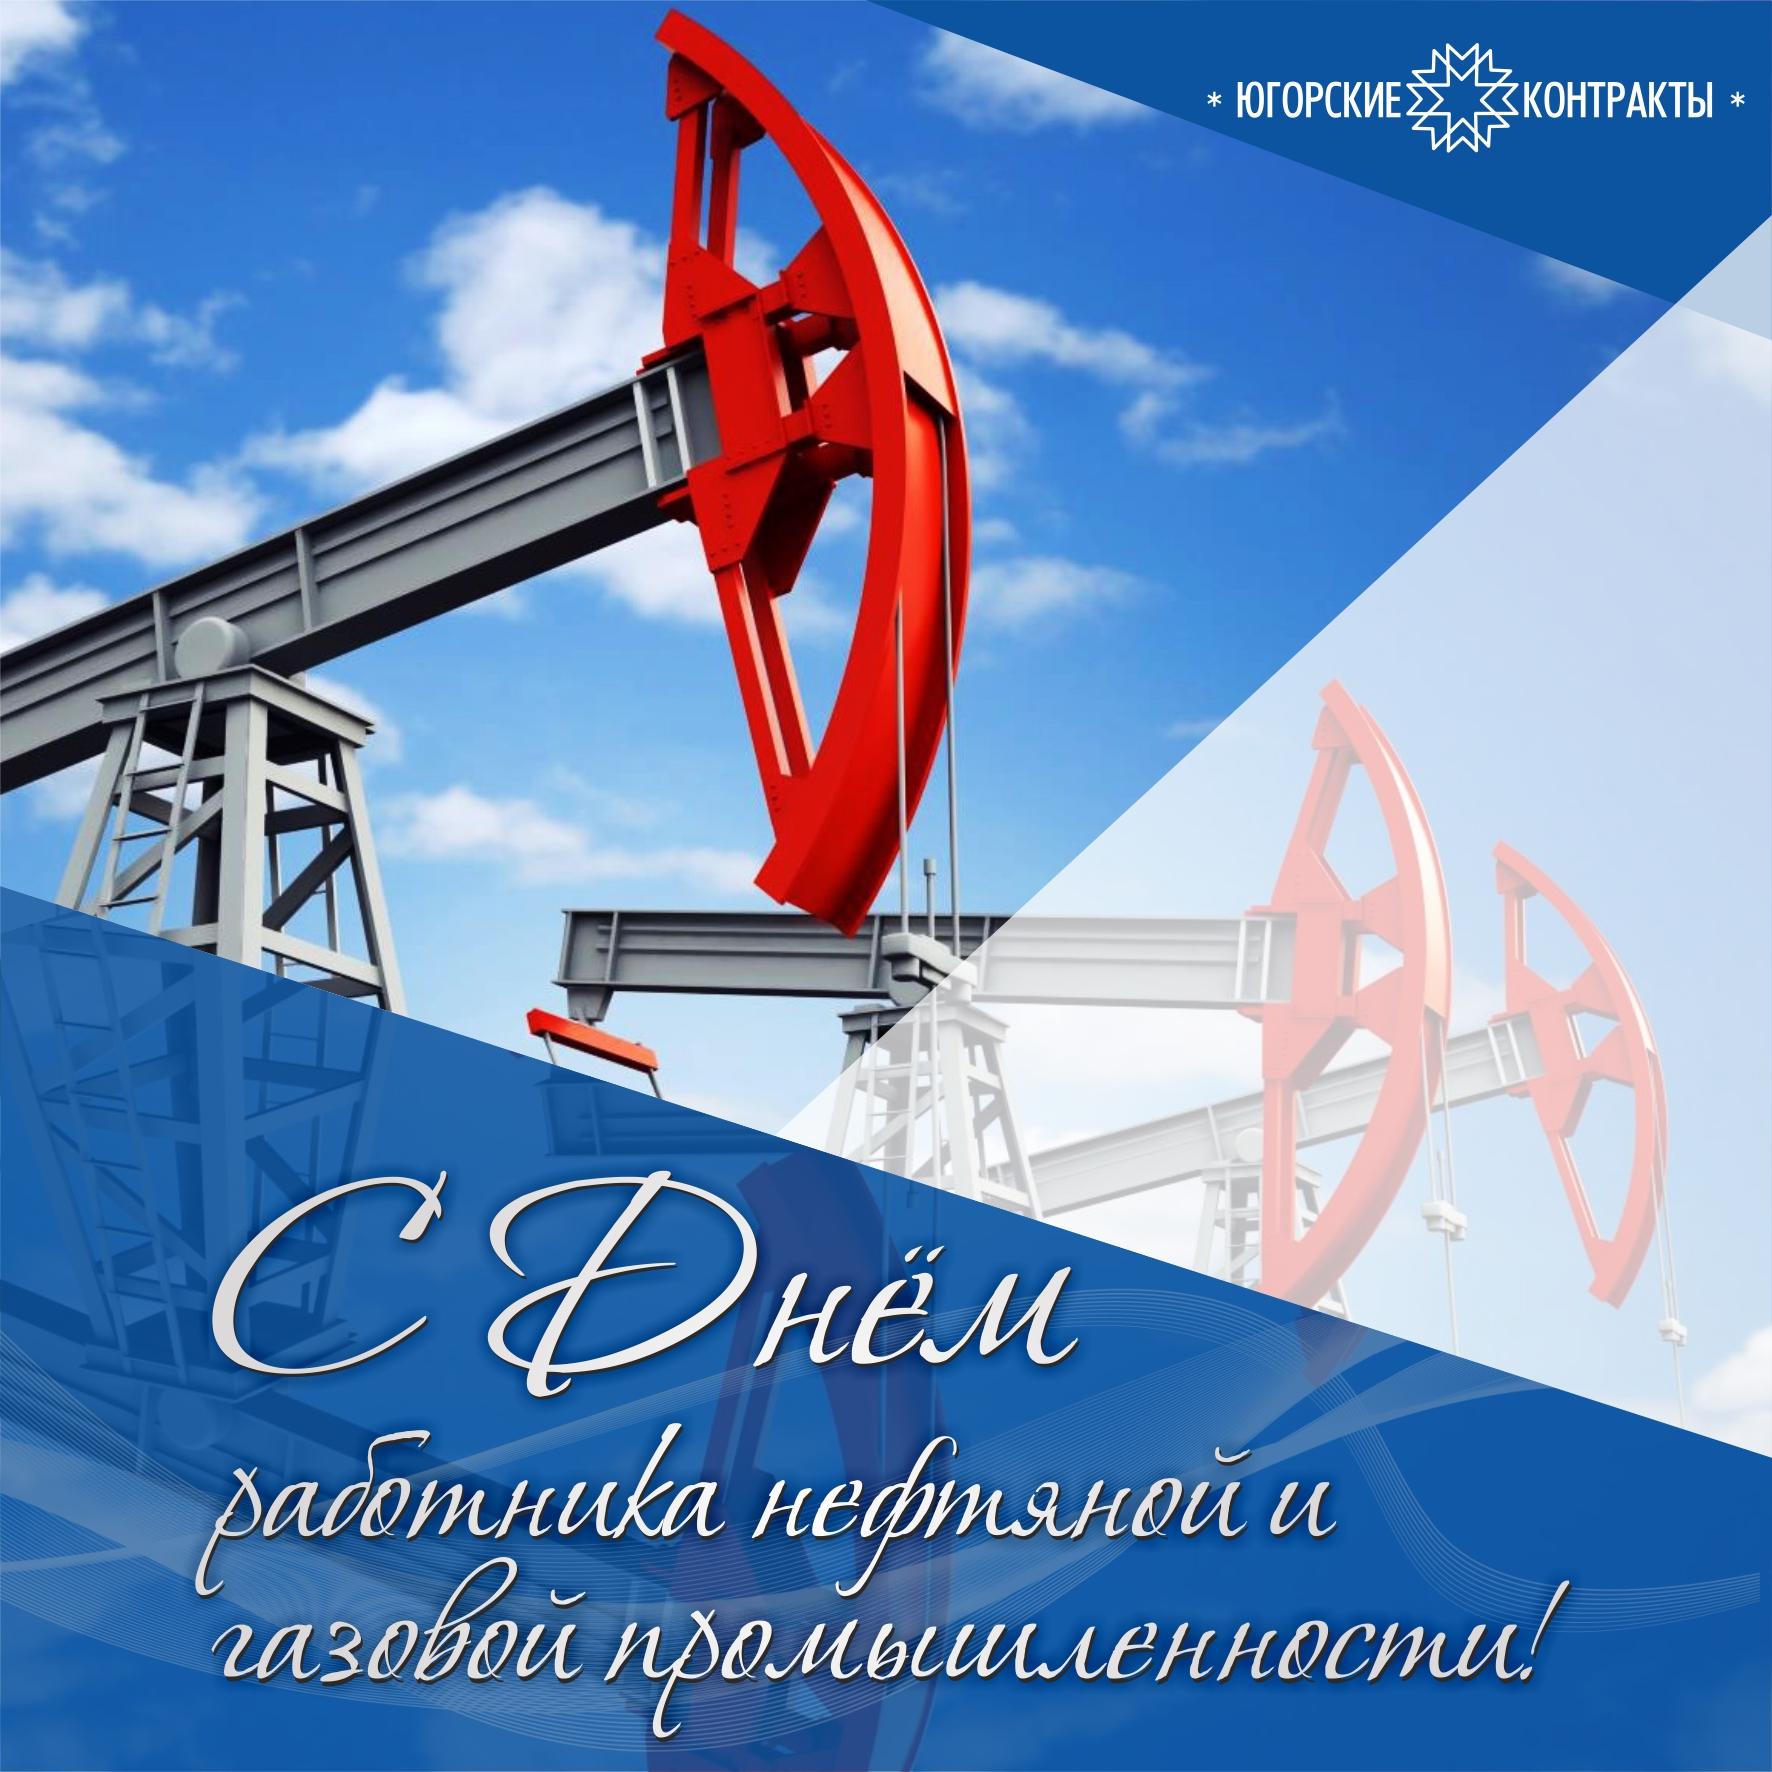 также день нефтяной промышленности поздравления высотки открывается вид